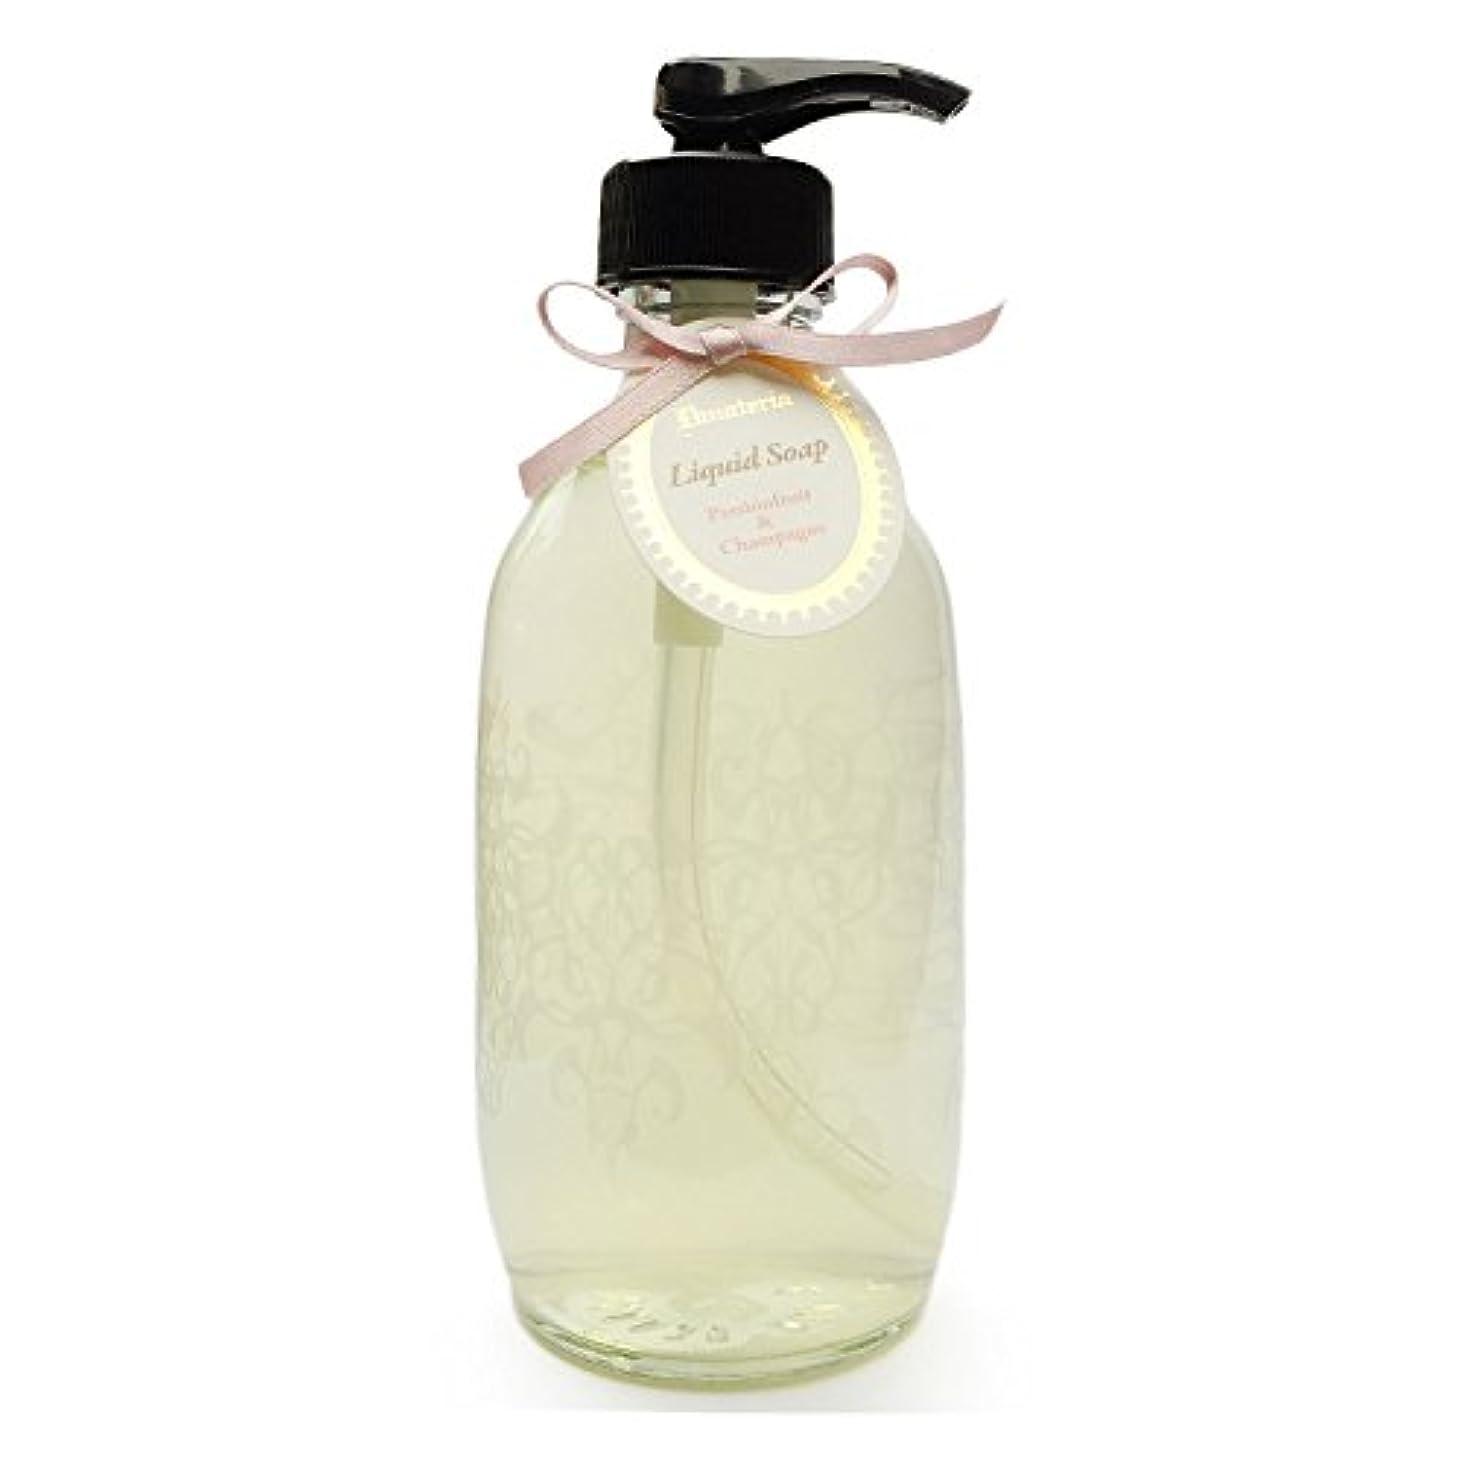 保全メイエラ妊娠したD materia リキッドソープ パッションフルーツ&シャンパン Passionfruit&Champagne Liquid Soap ディーマテリア